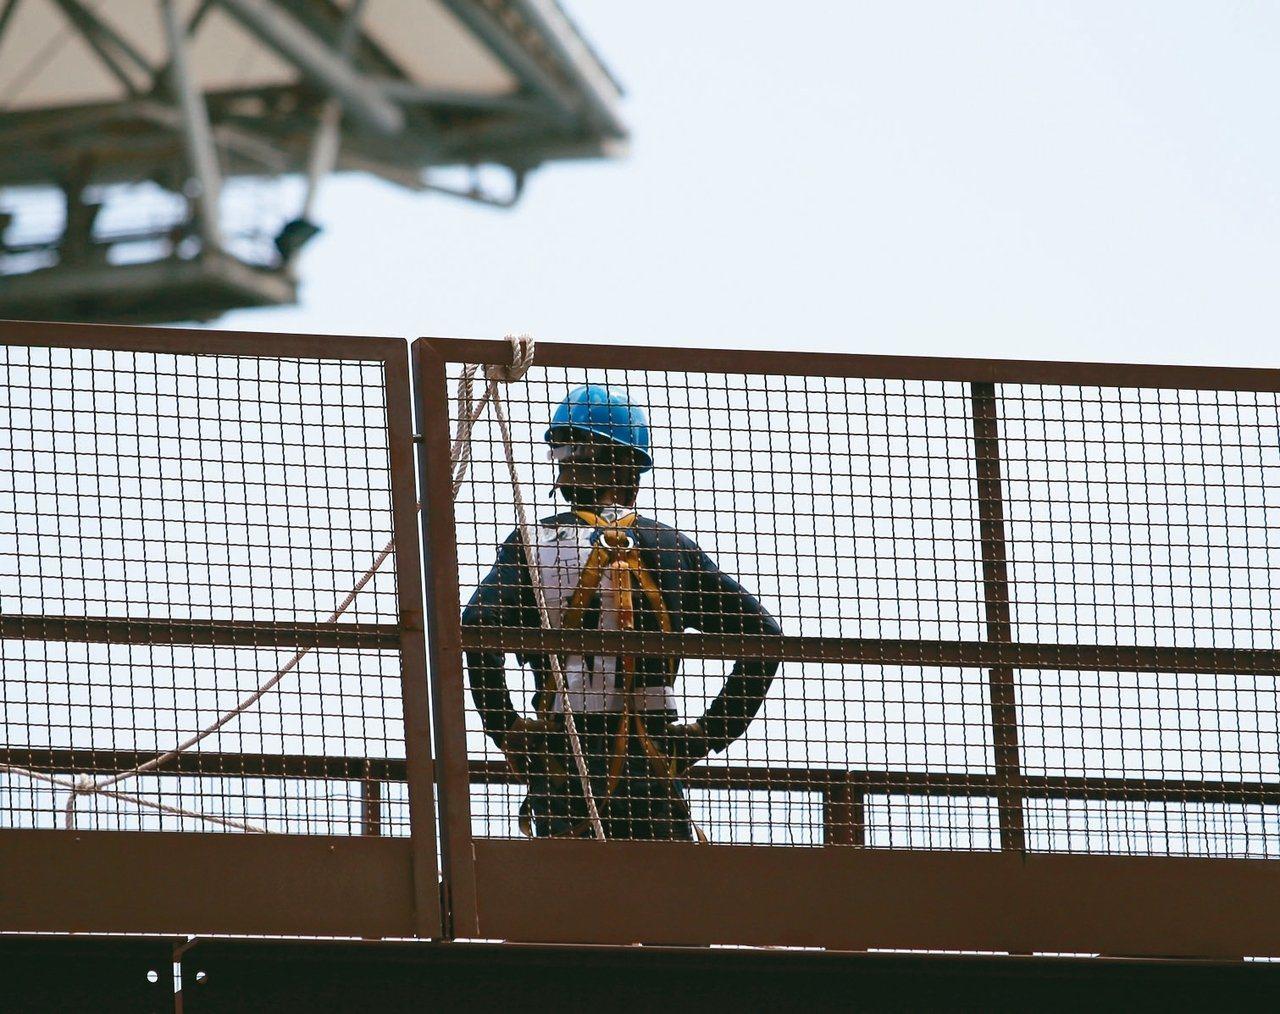 陳姓化學槽車駕駛員從槽車高處摔落,右手肘失能,橋頭地方法院判雇主賠償33萬496...